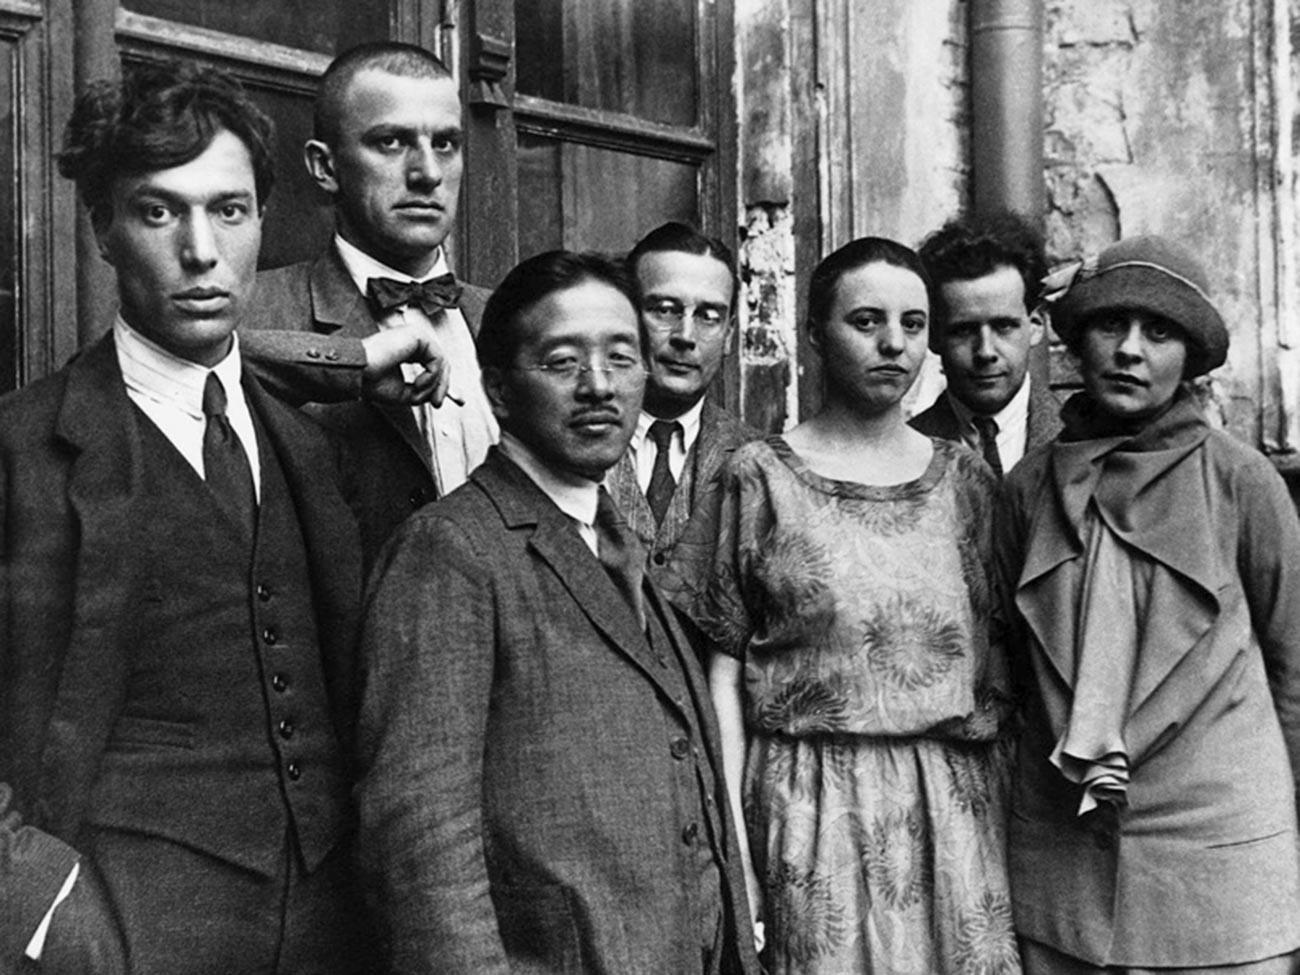 Od leve proti desni: Boris Pasternak, Vladimir Majakovski, Tamizi Naito, diplomat Arsenij Voznesenski, Olga Tretjakova, Sergej Eisenstein, Lilja Brik.